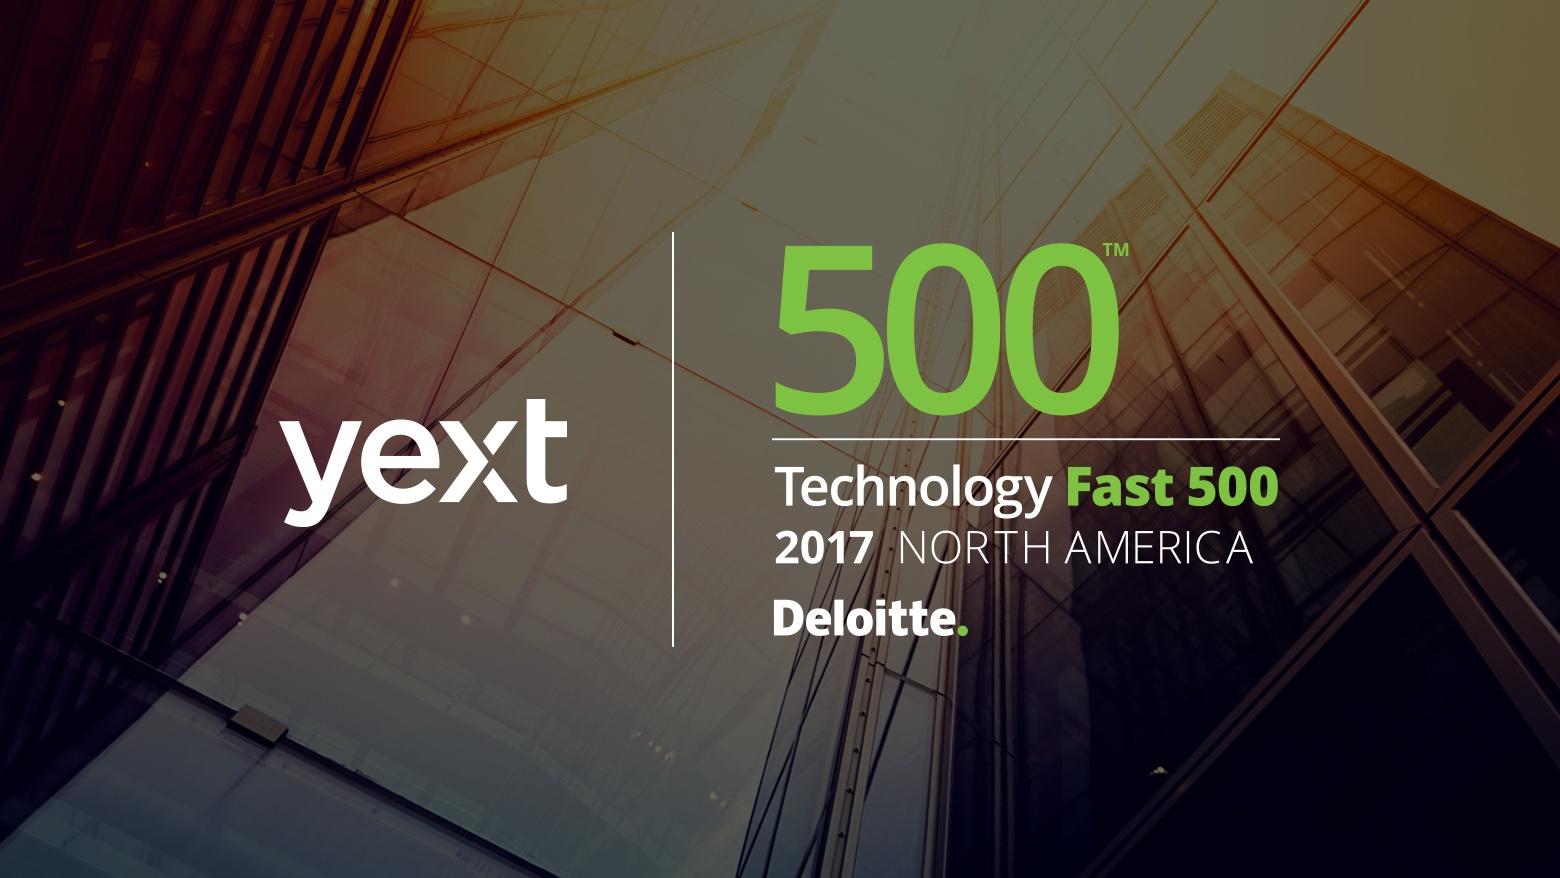 Deloitte Technology Fast 500 Yext 2017